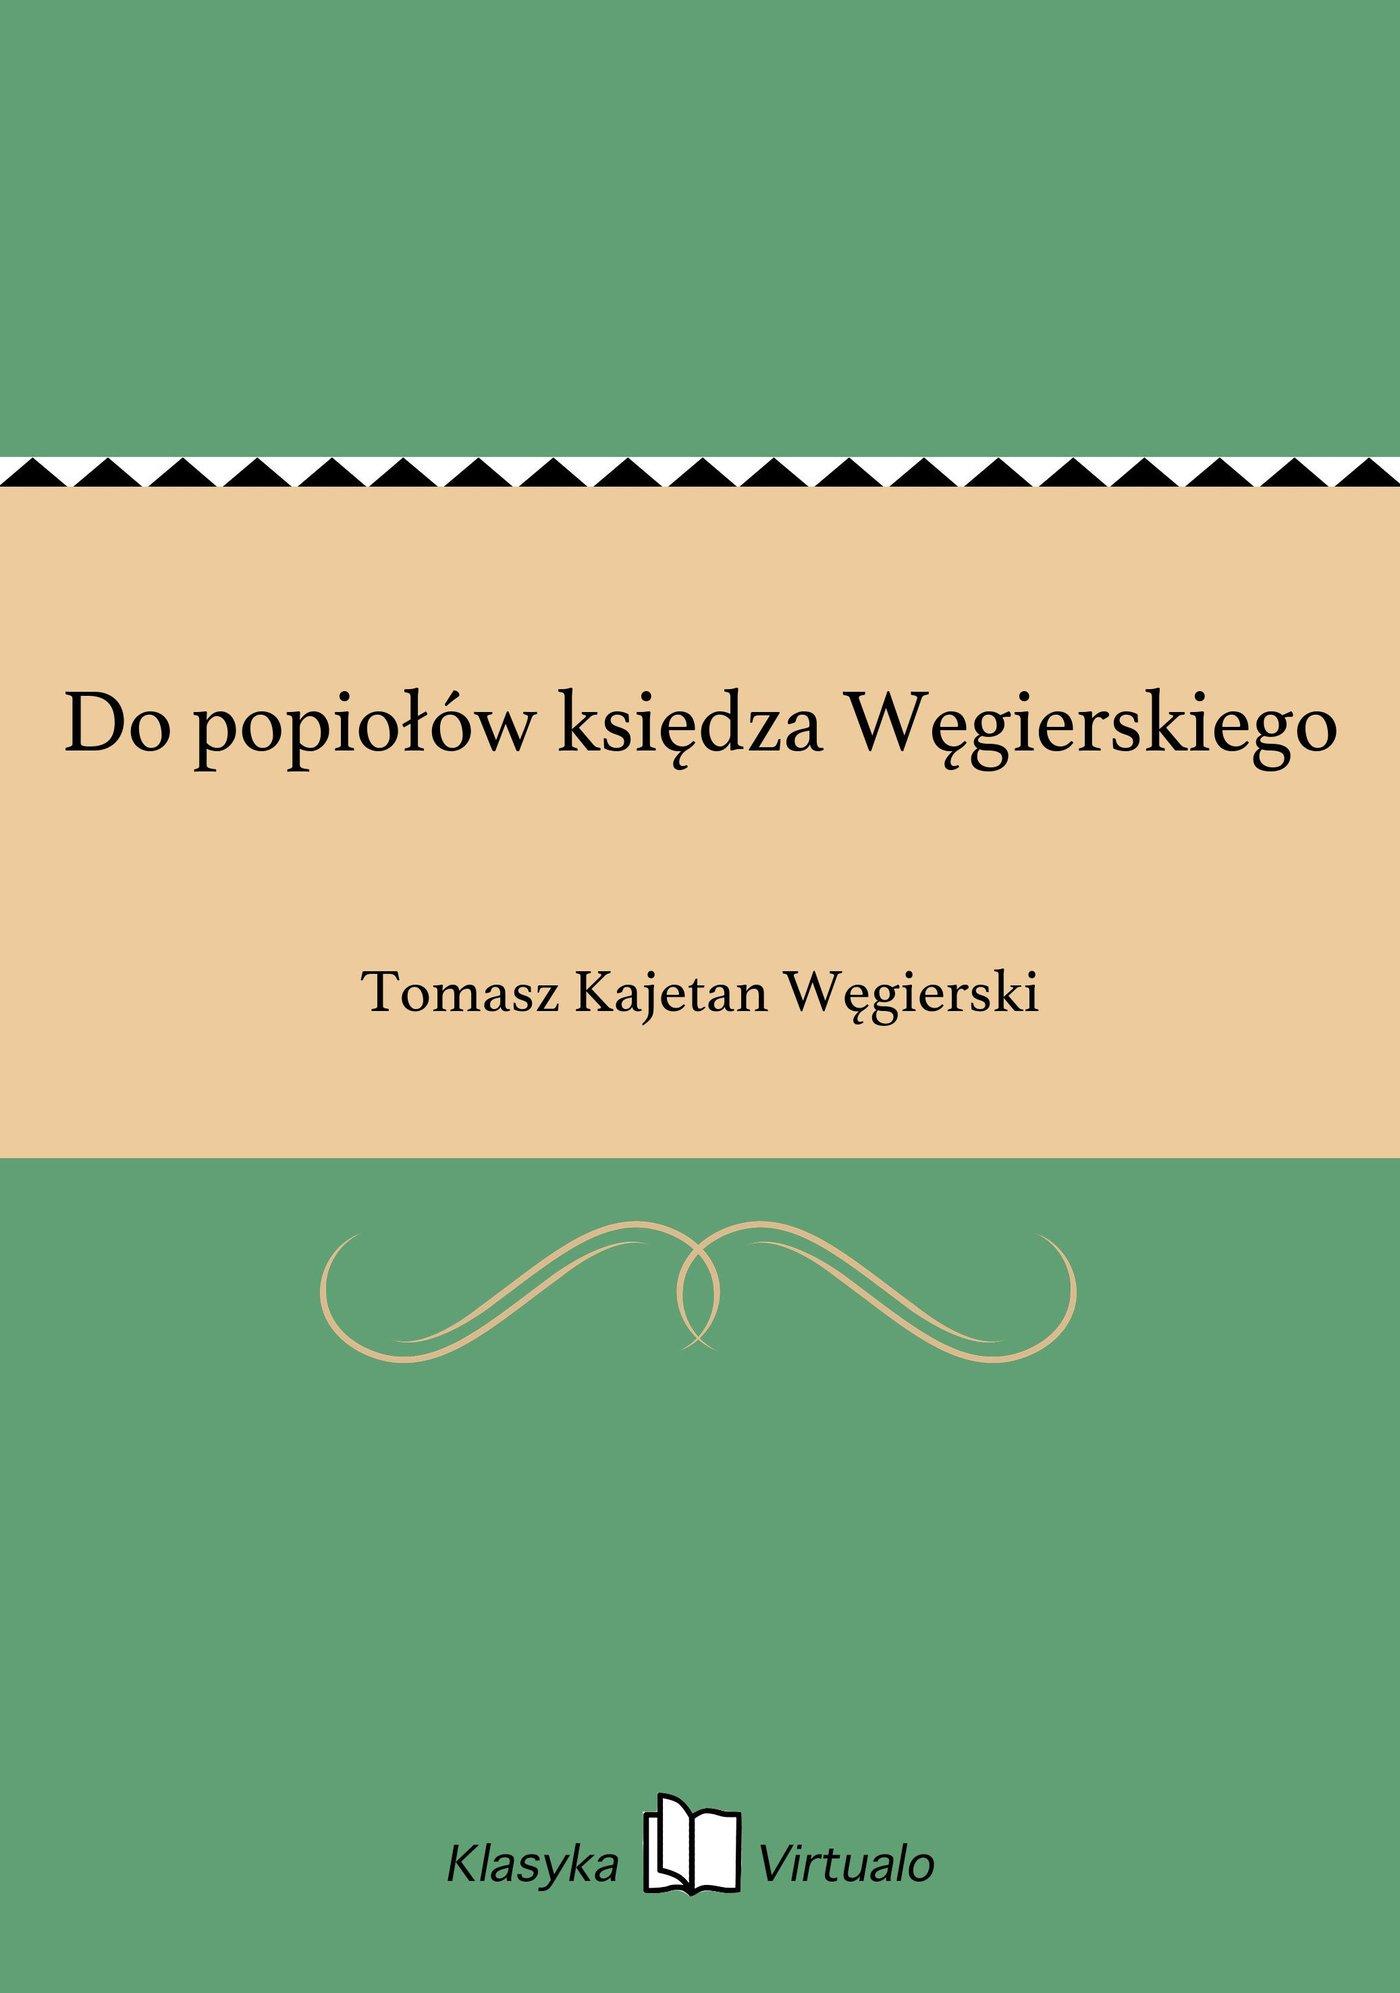 Do popiołów księdza Węgierskiego - Ebook (Książka EPUB) do pobrania w formacie EPUB